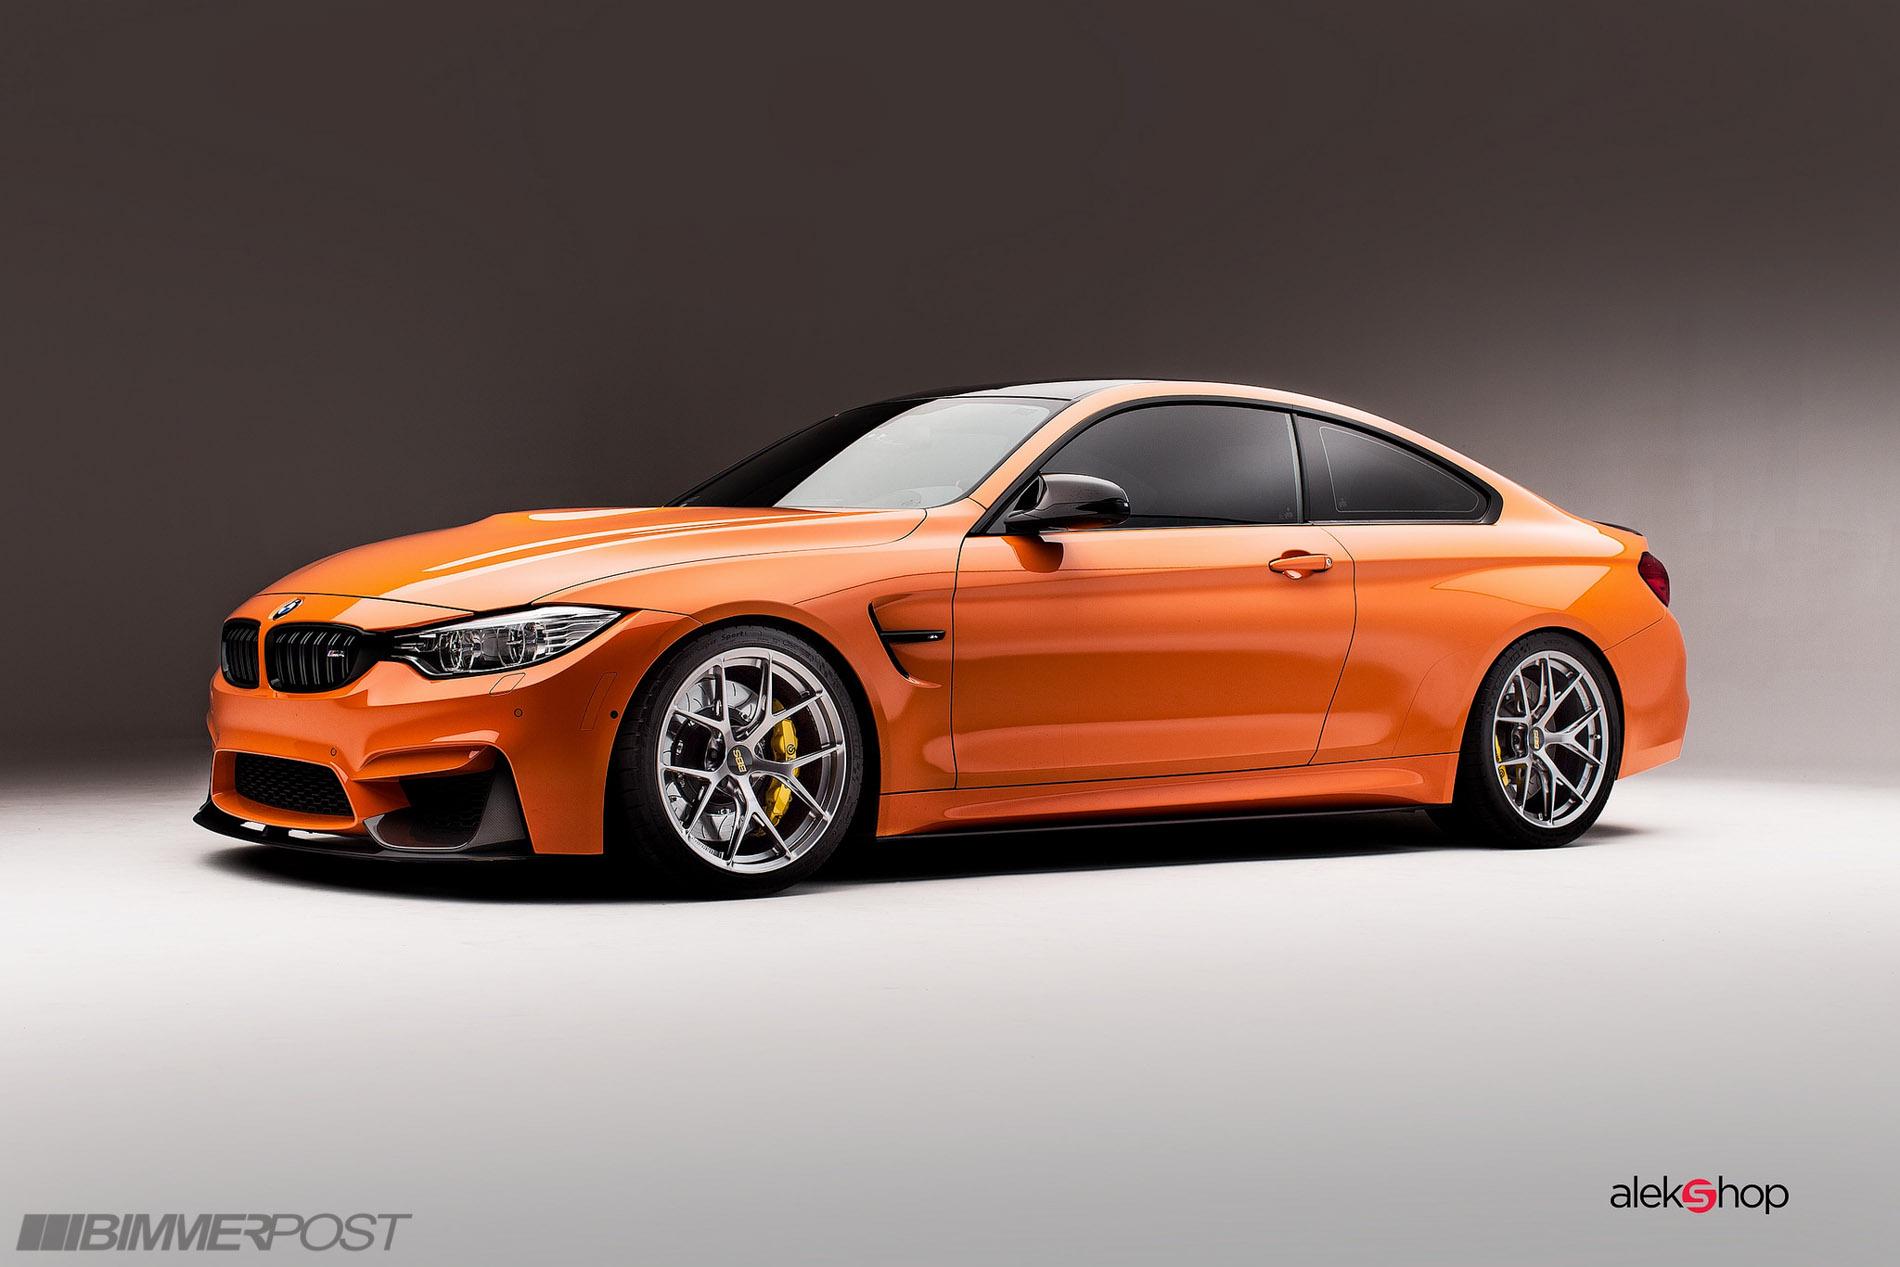 Jbook S Fire Orange M4 Build By Alekshop